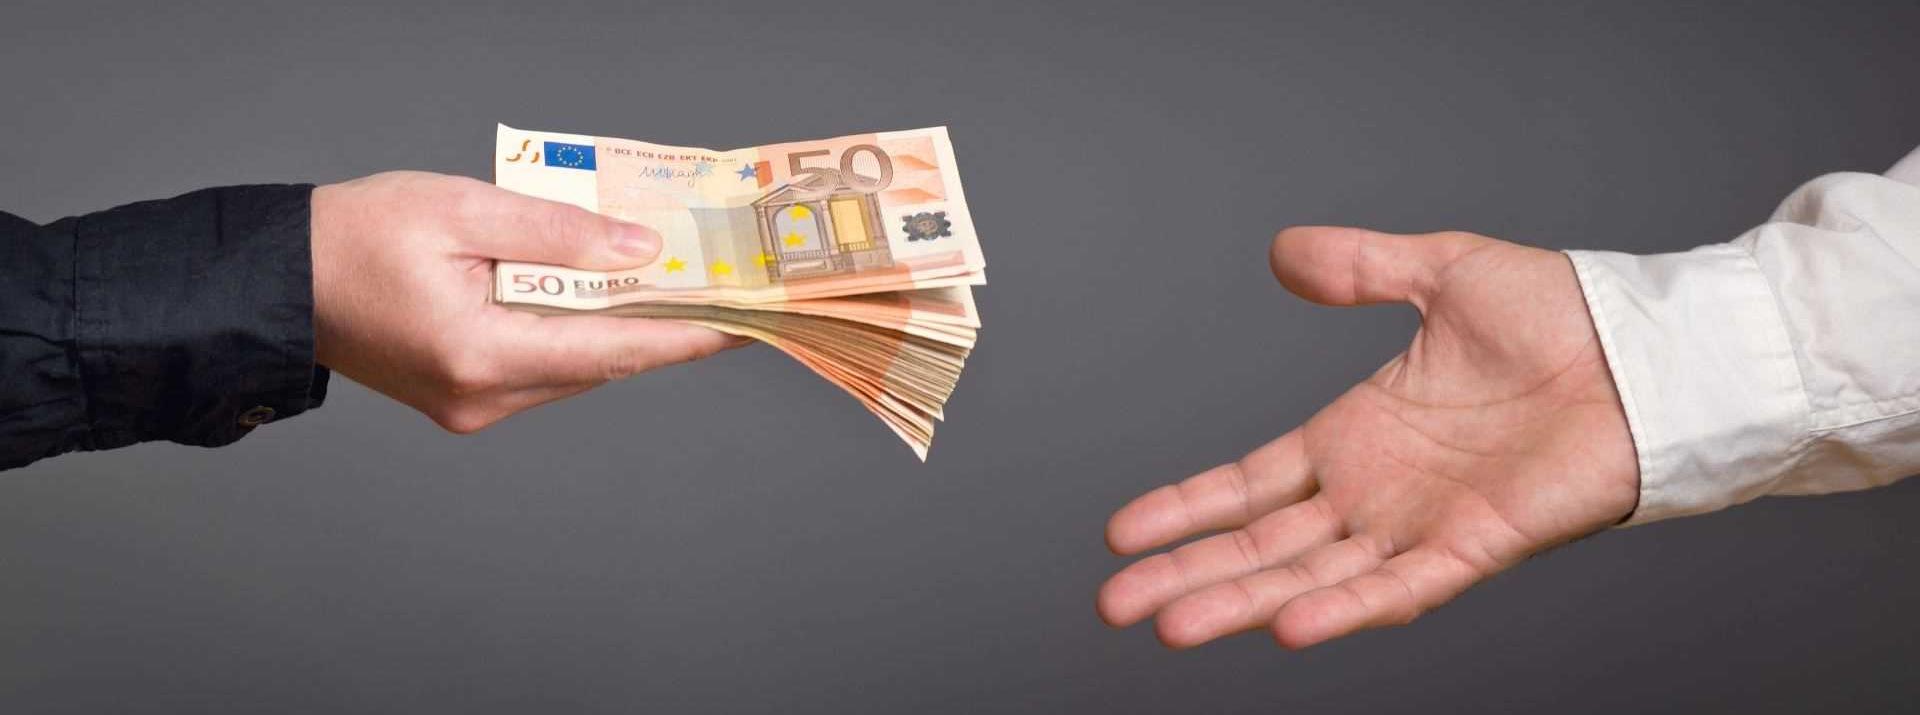 чтобы получить займ 3000 рублей loans russia